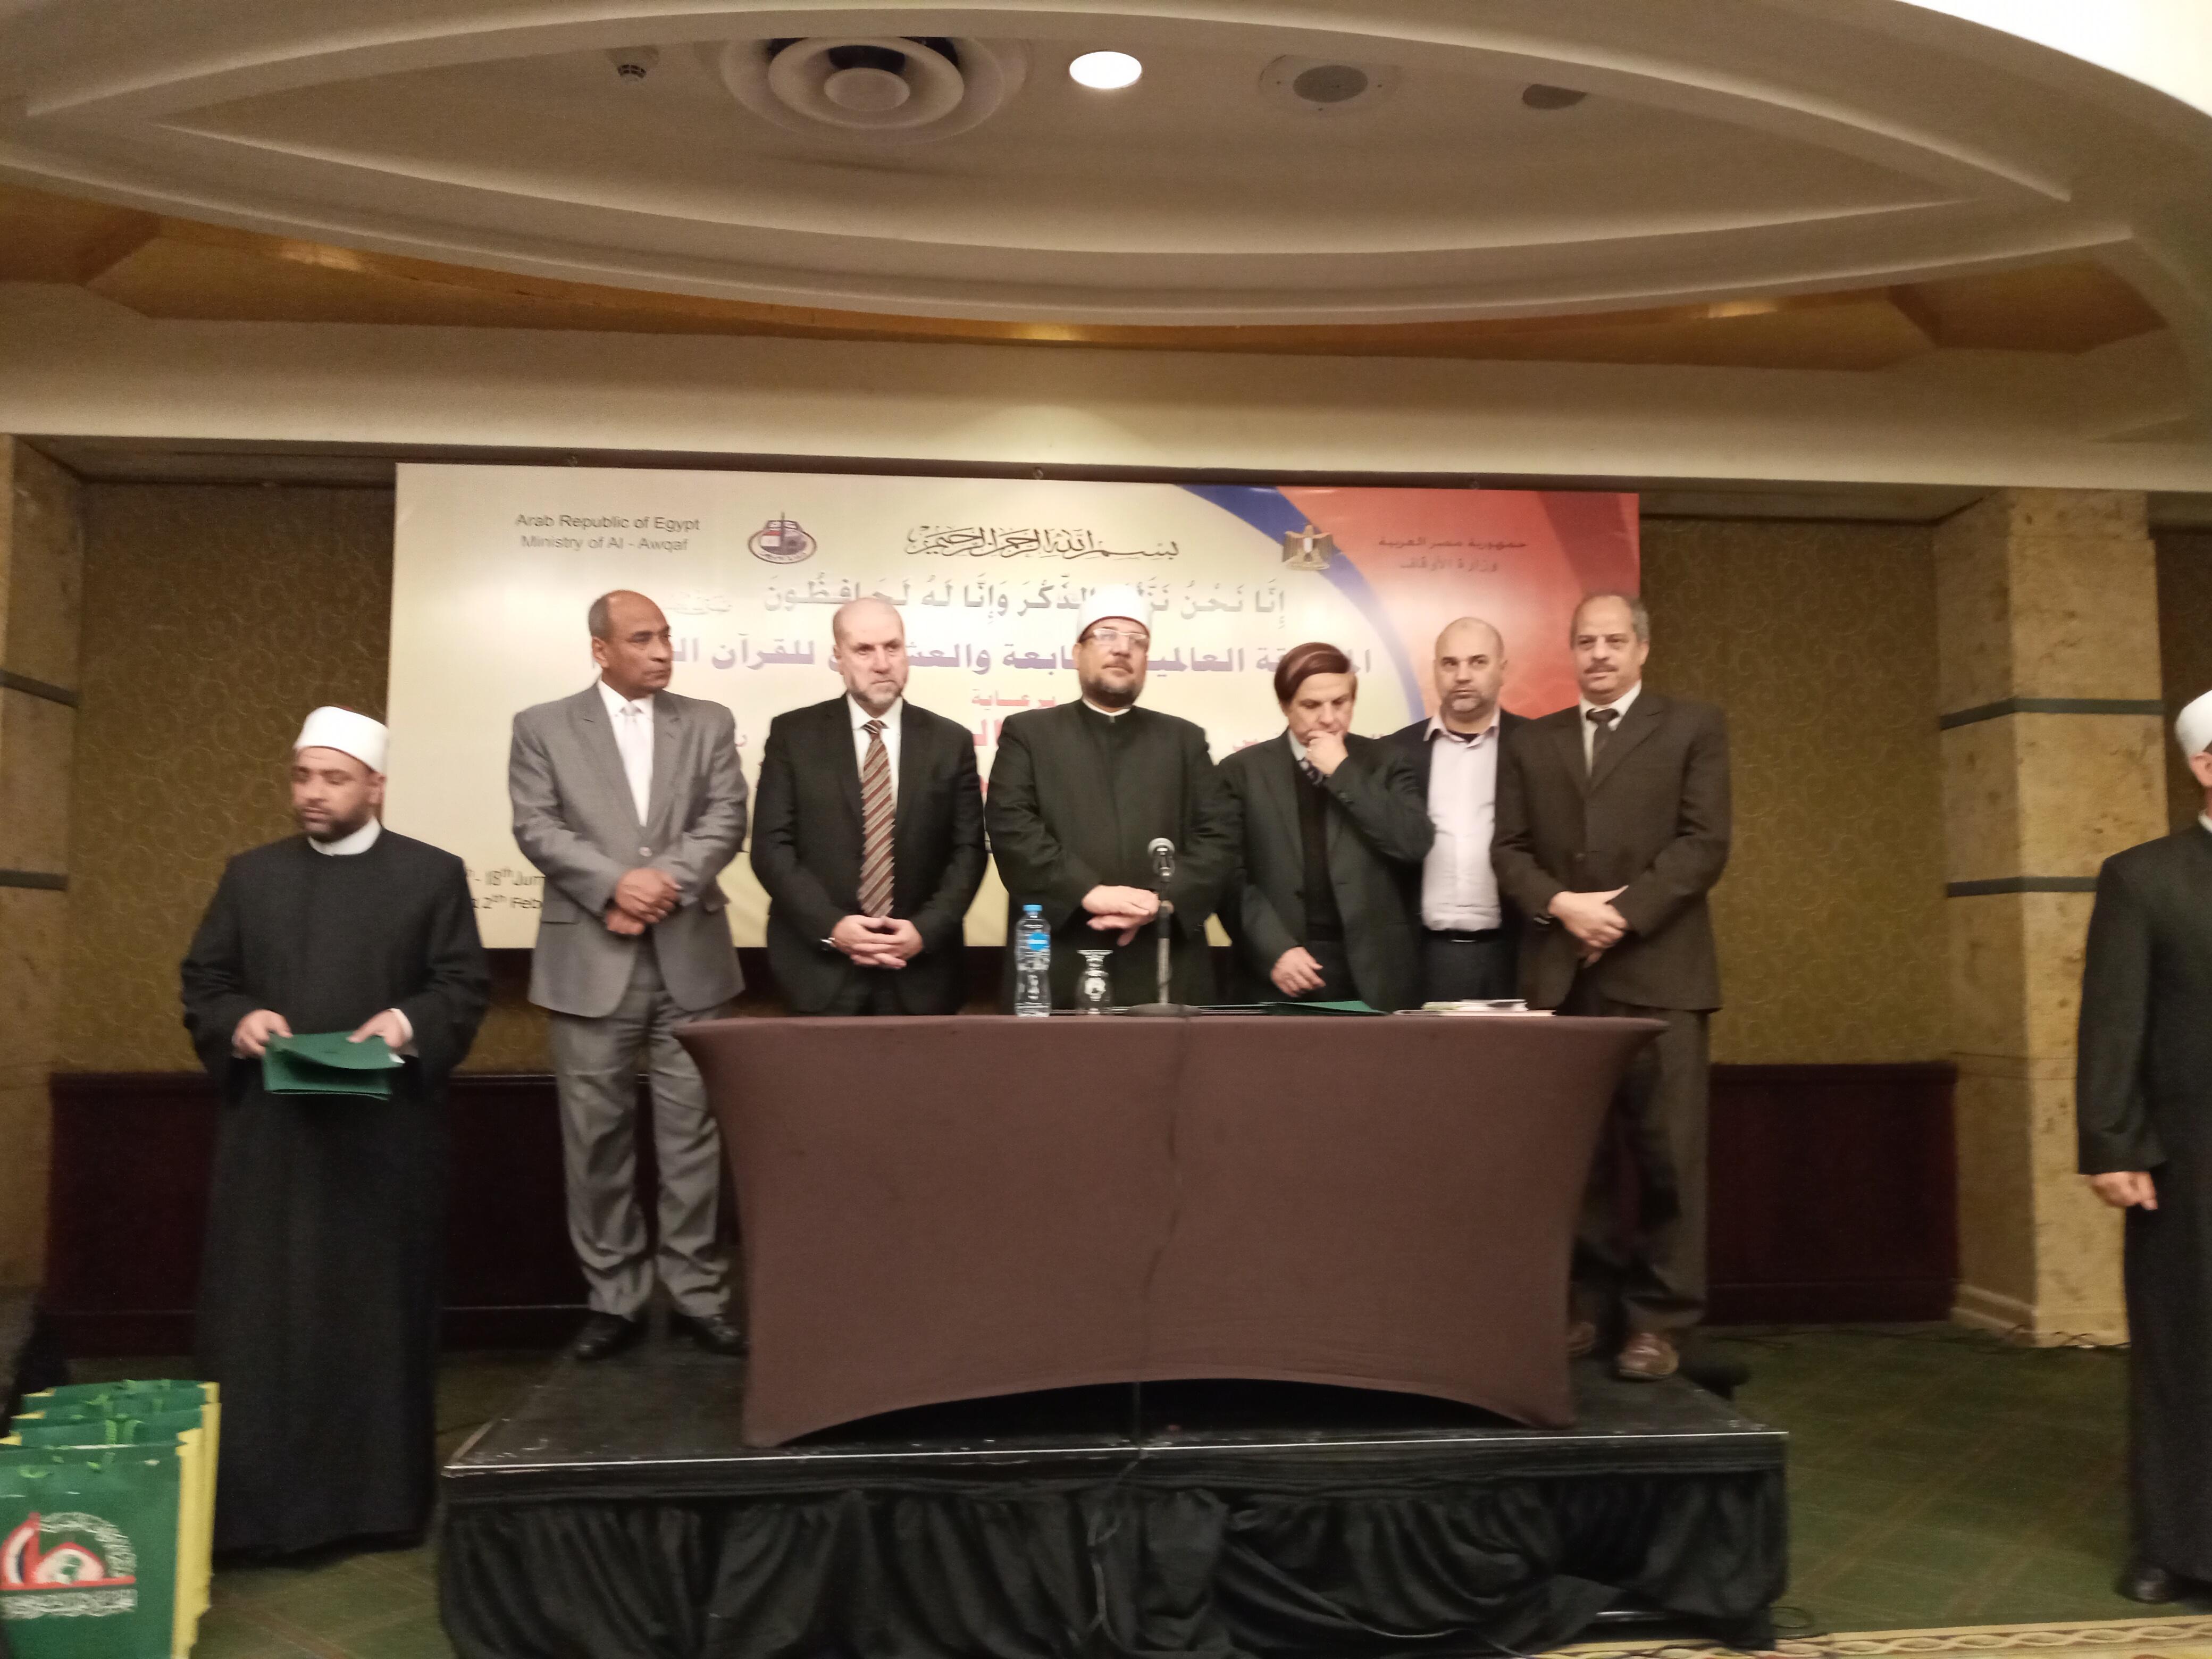 مؤتمر تحضيرى للاعلان عن تفاصيل المسابقة الدولية السابعة والعشرين للقران الكريم  (1)